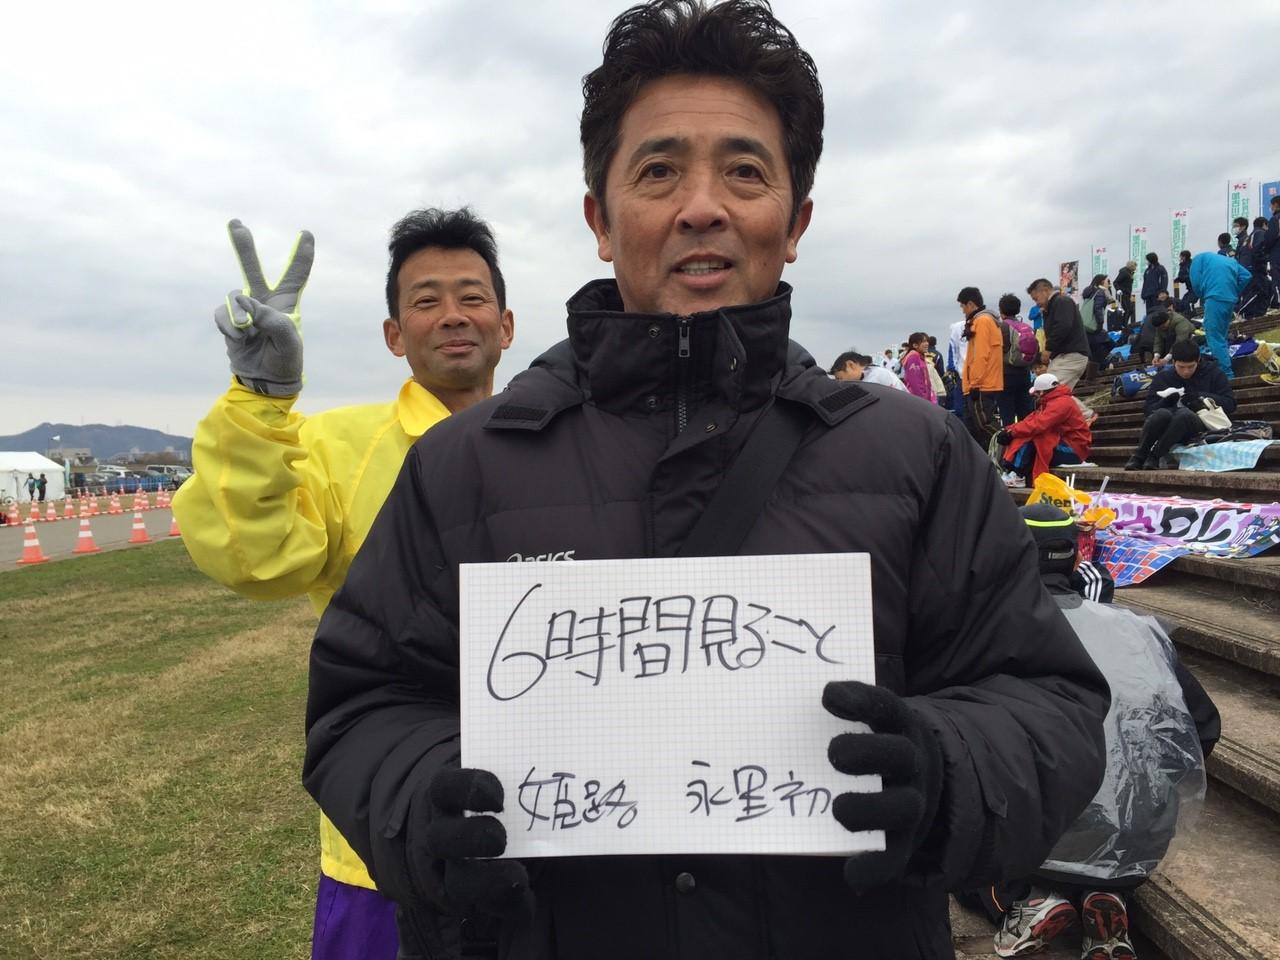 加古川マラソン目標_7912